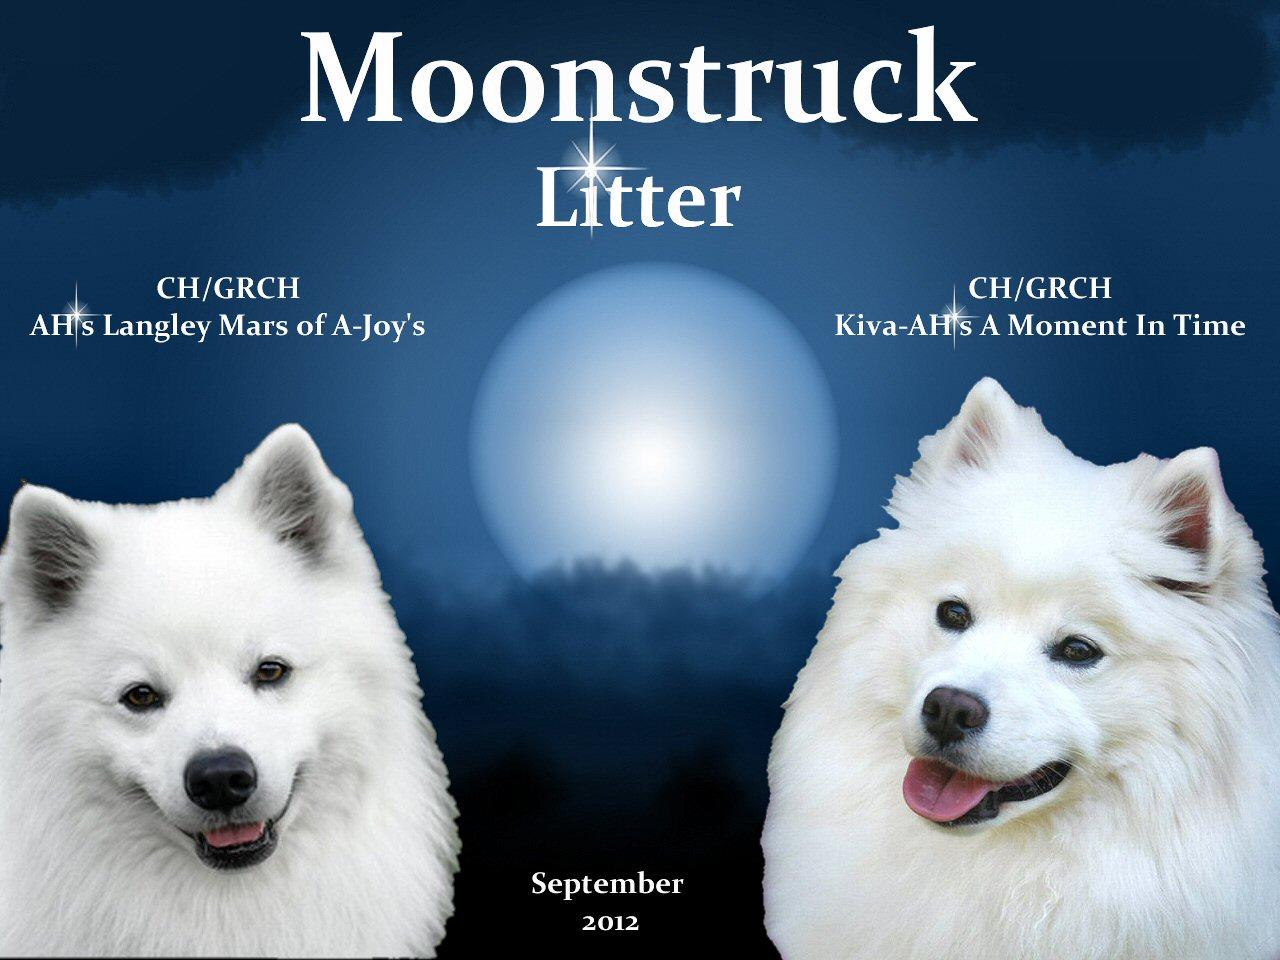 Moonstruck Litter 2012